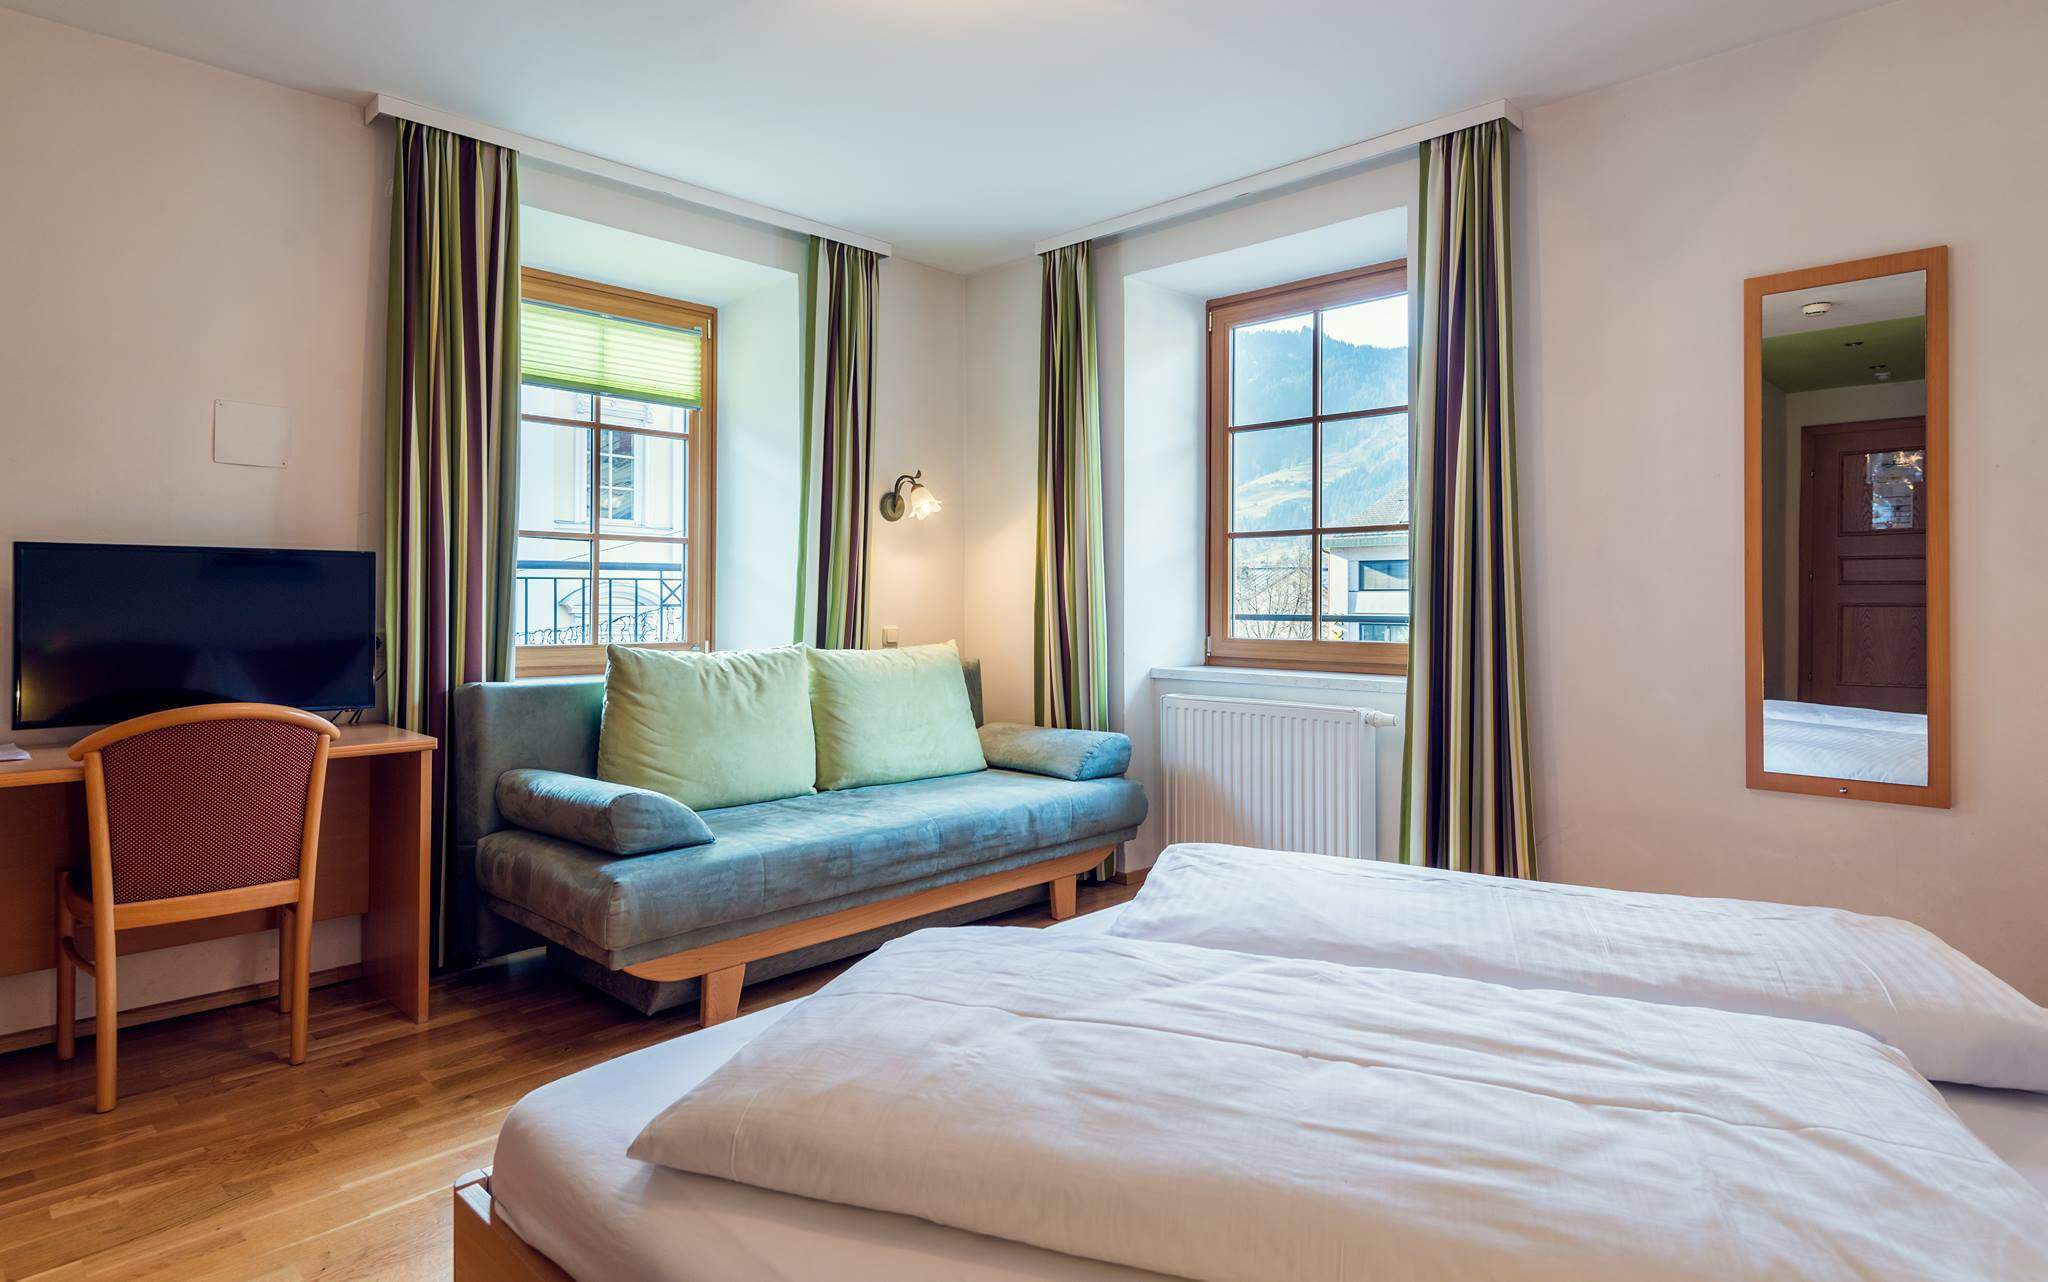 Doppelzimmer Appartement St. Johann Alpendorf mit Frühstück